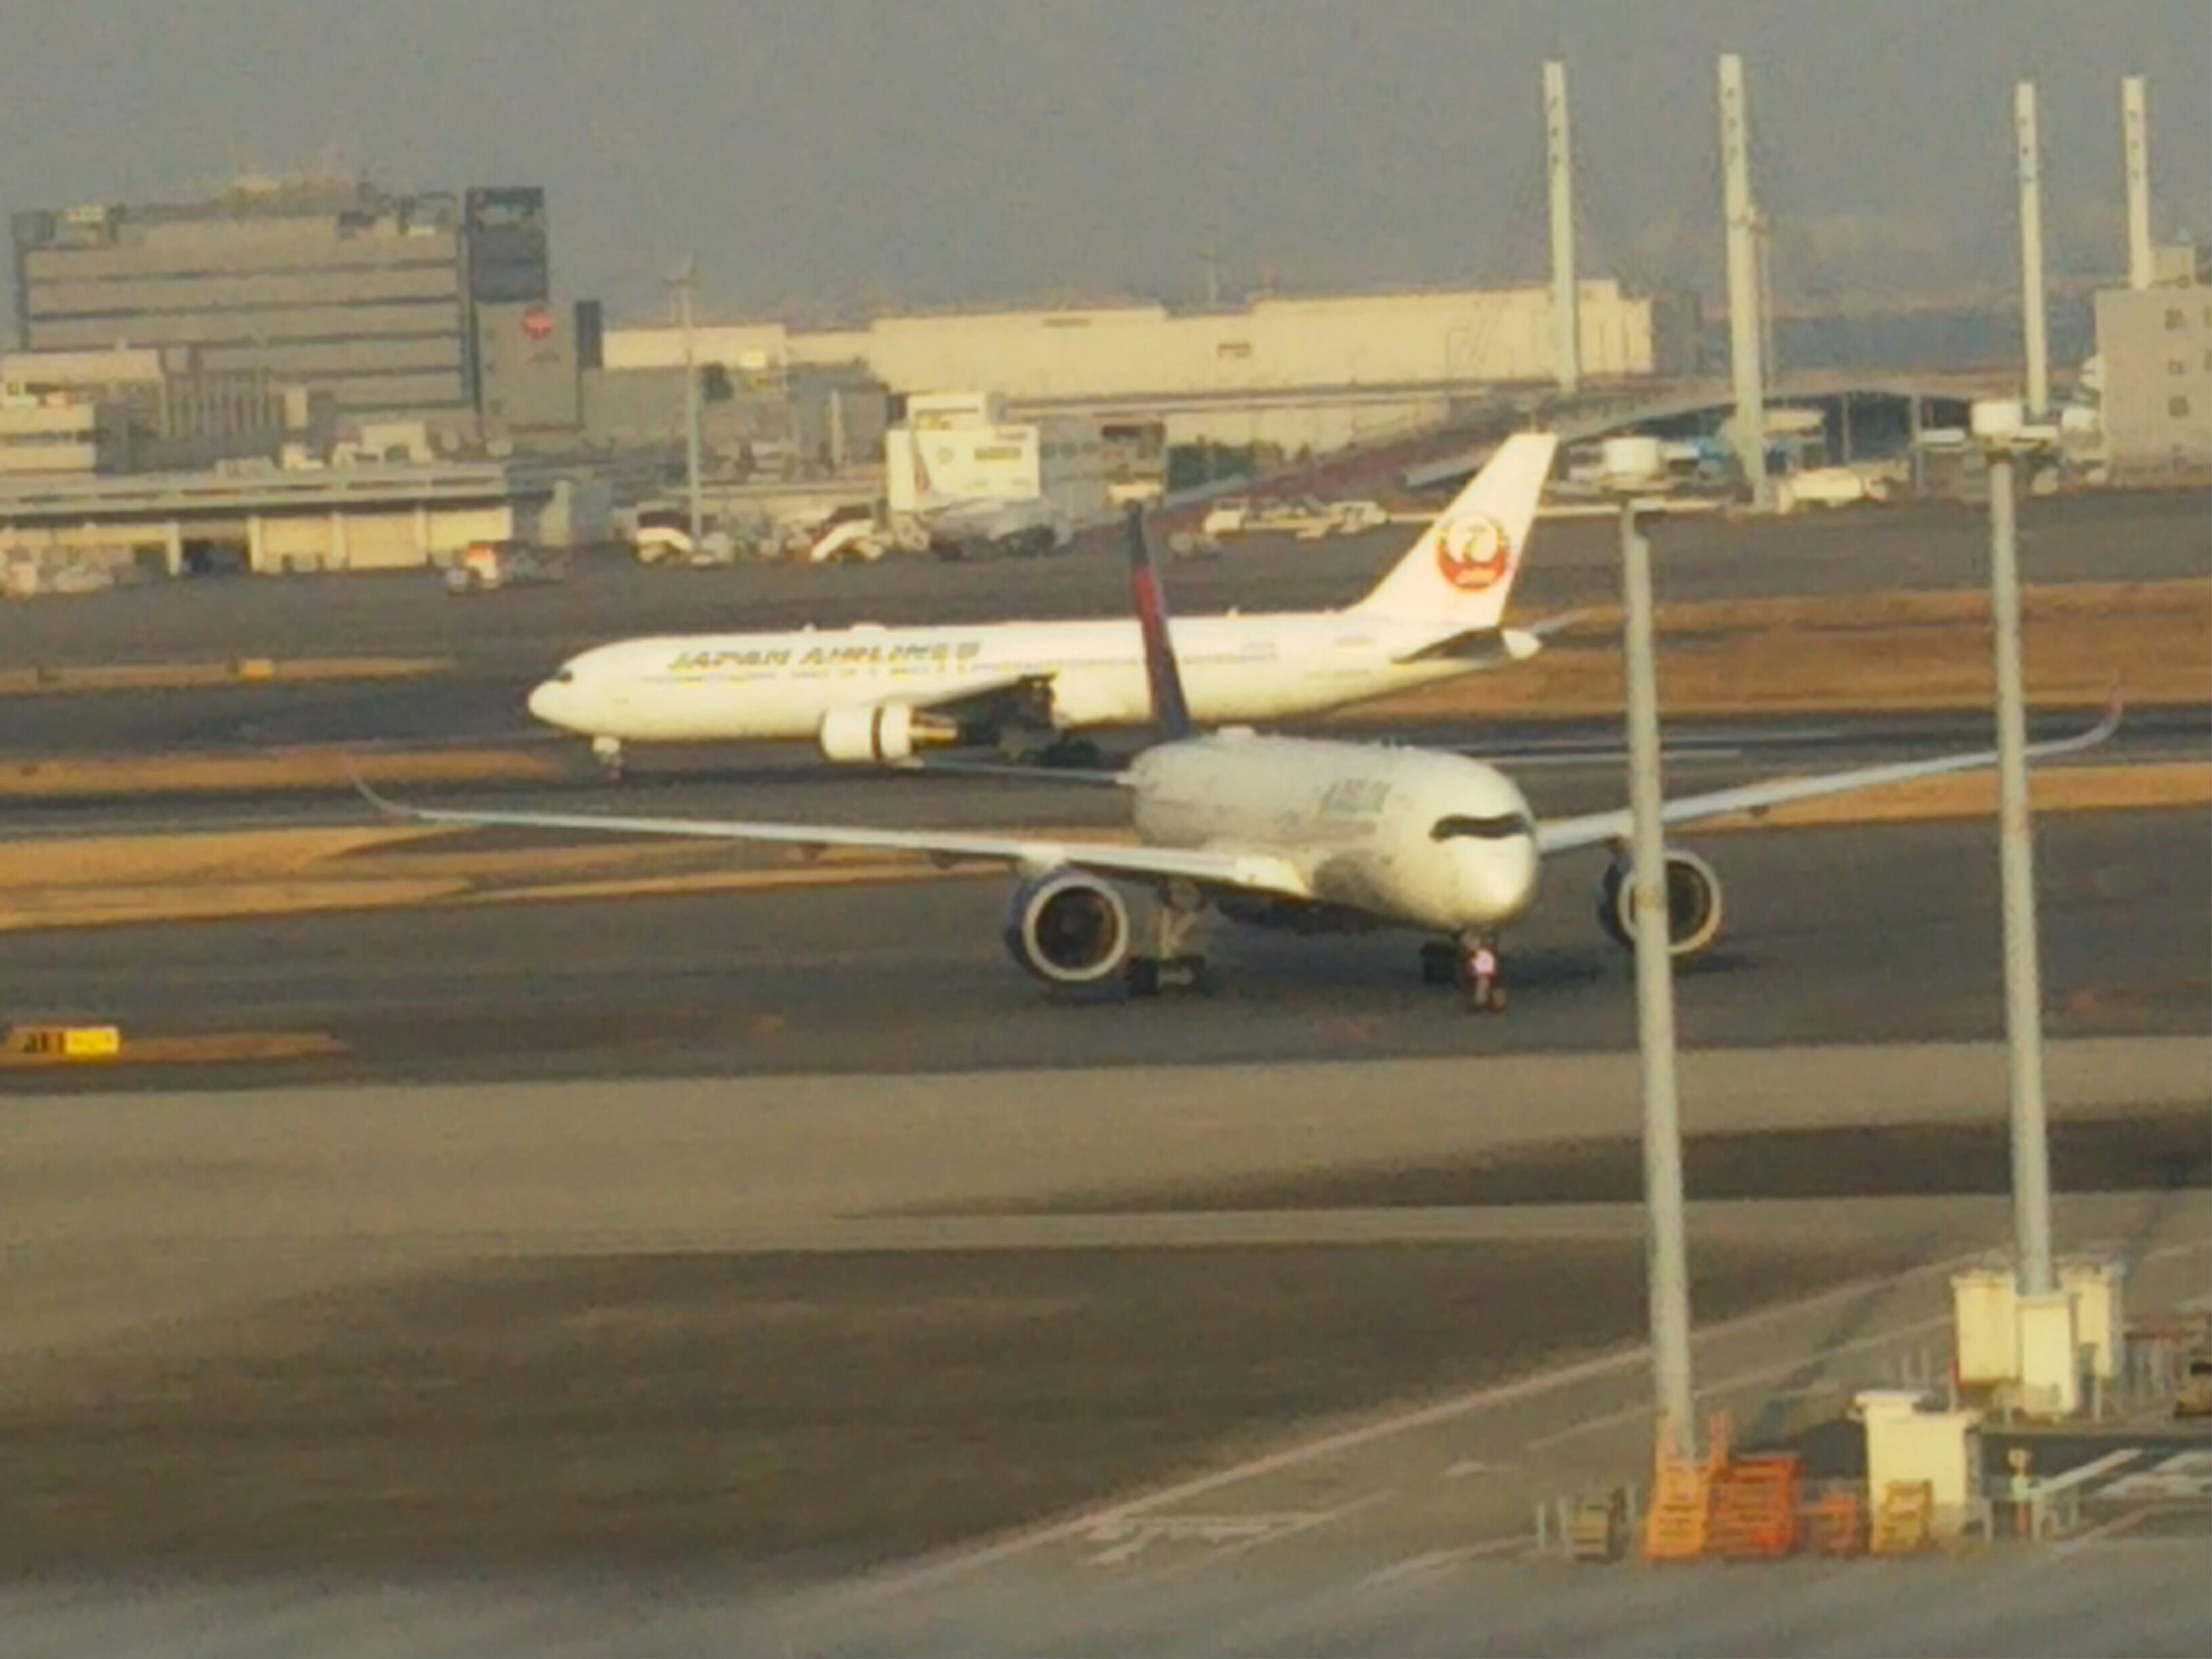 f:id:A350-900:20210109215322j:image